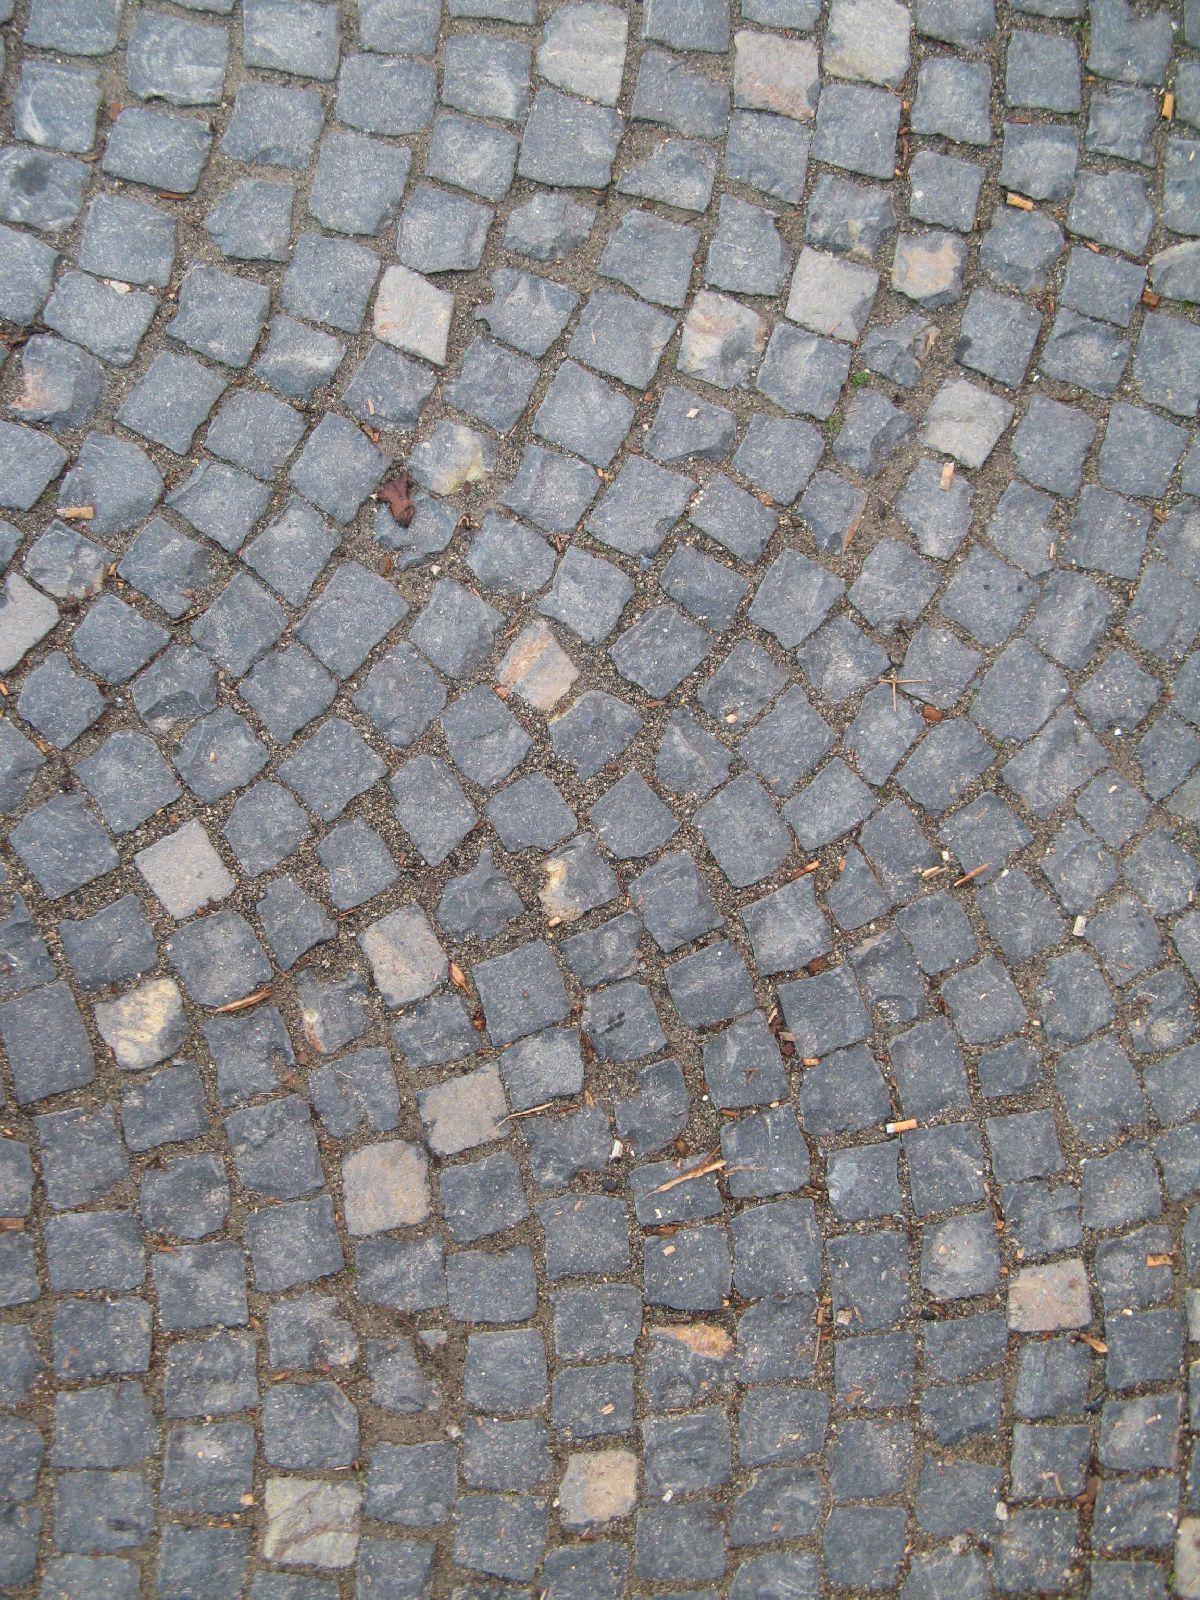 Ground-Urban_Texture_B_0620